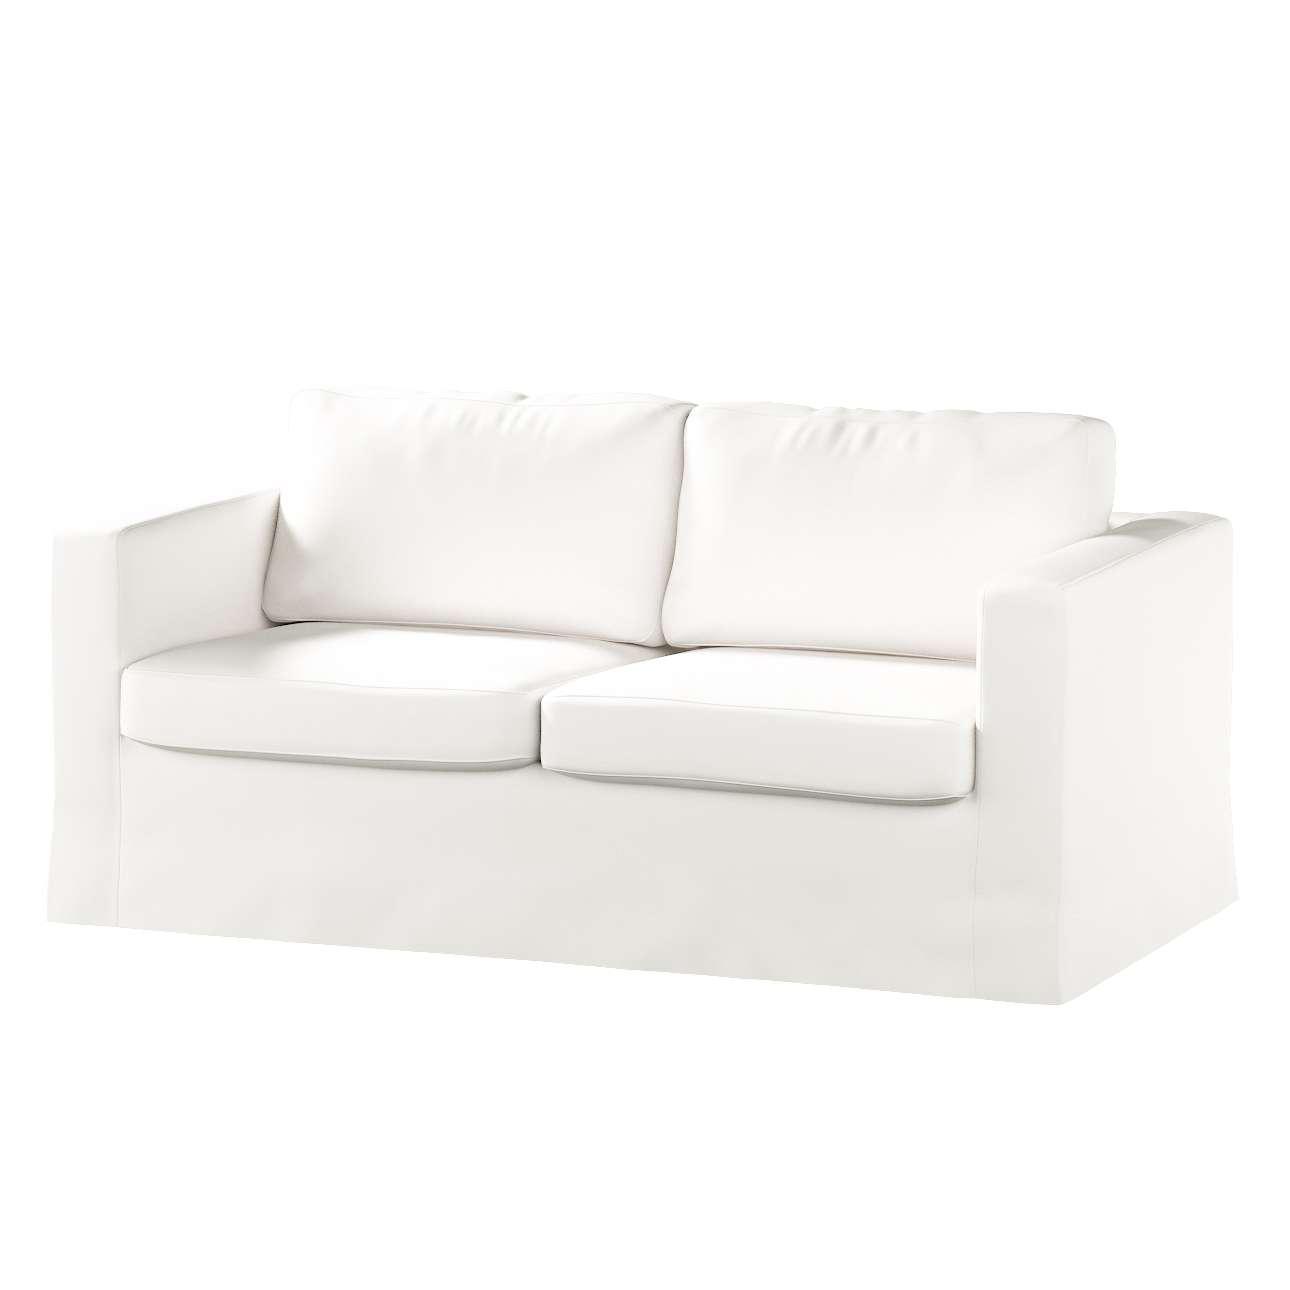 Pokrowiec na sofę Karlstad 2-osobową nierozkładaną długi Sofa Karlstad 2-osobowa w kolekcji Cotton Panama, tkanina: 702-34